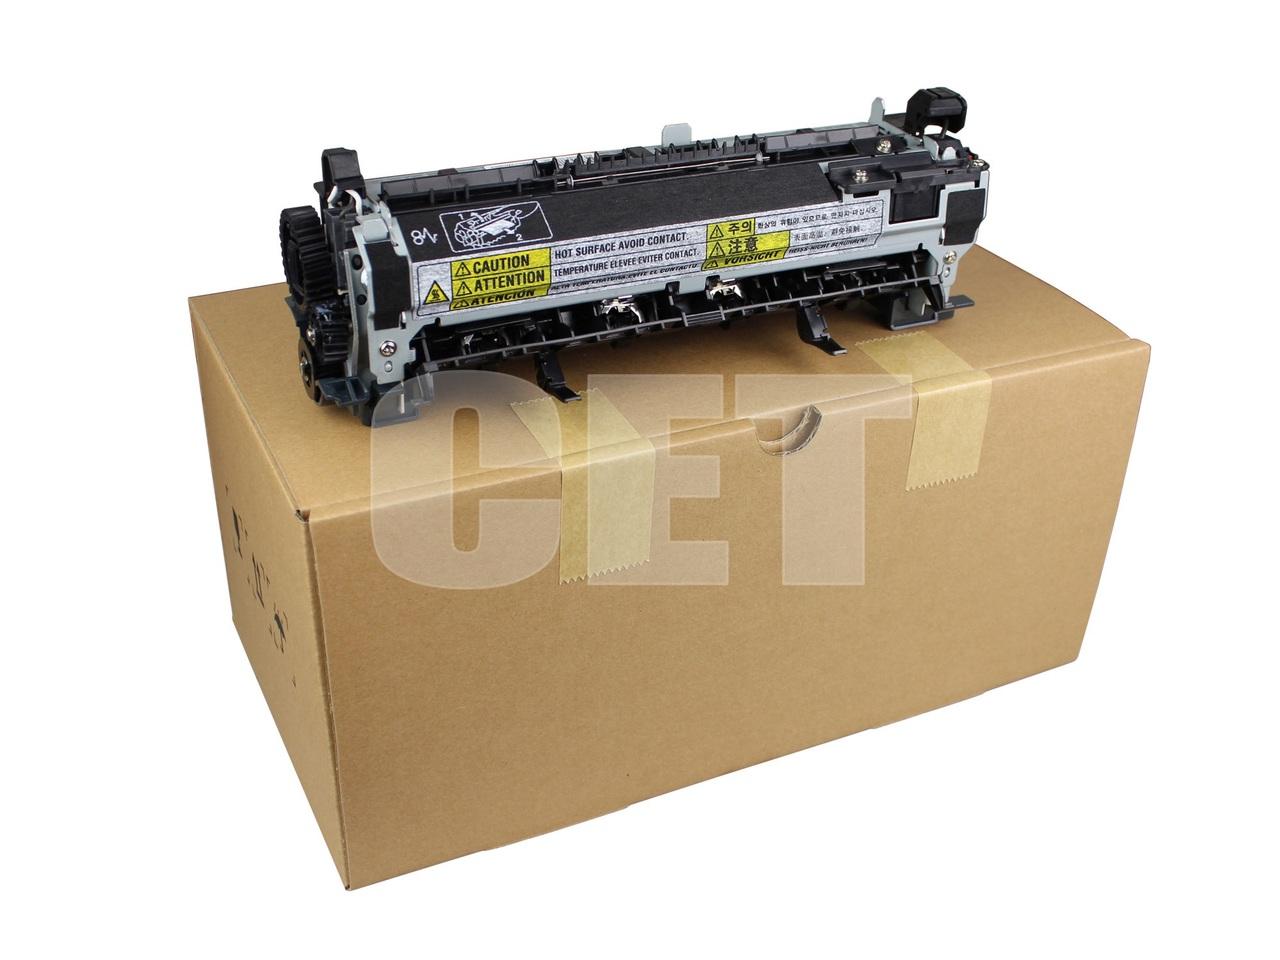 Фьюзер (печка) в сборе RM1-8396-000 для HP LaserJetEnterprise 600 M601/M602/M603 (CET), CET2436U